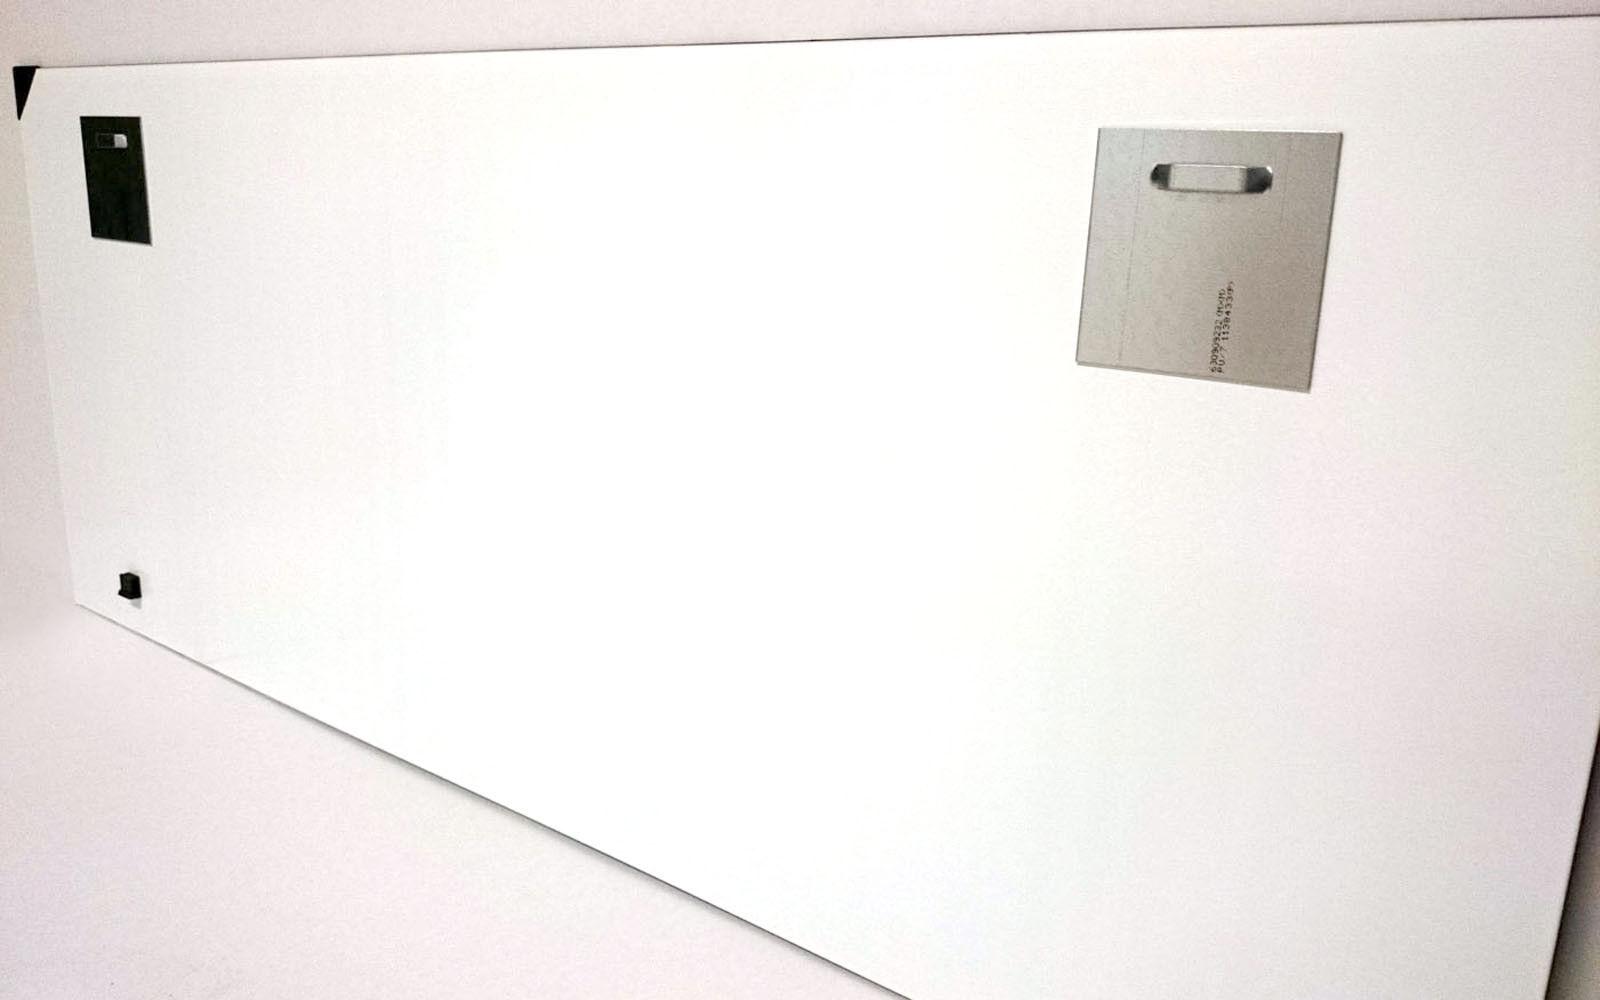 Immagini di Vetro Immagine Parete ag-02115 oroen Gate Brigde Nero Nero Nero Bianco 125 x 50cm 492611